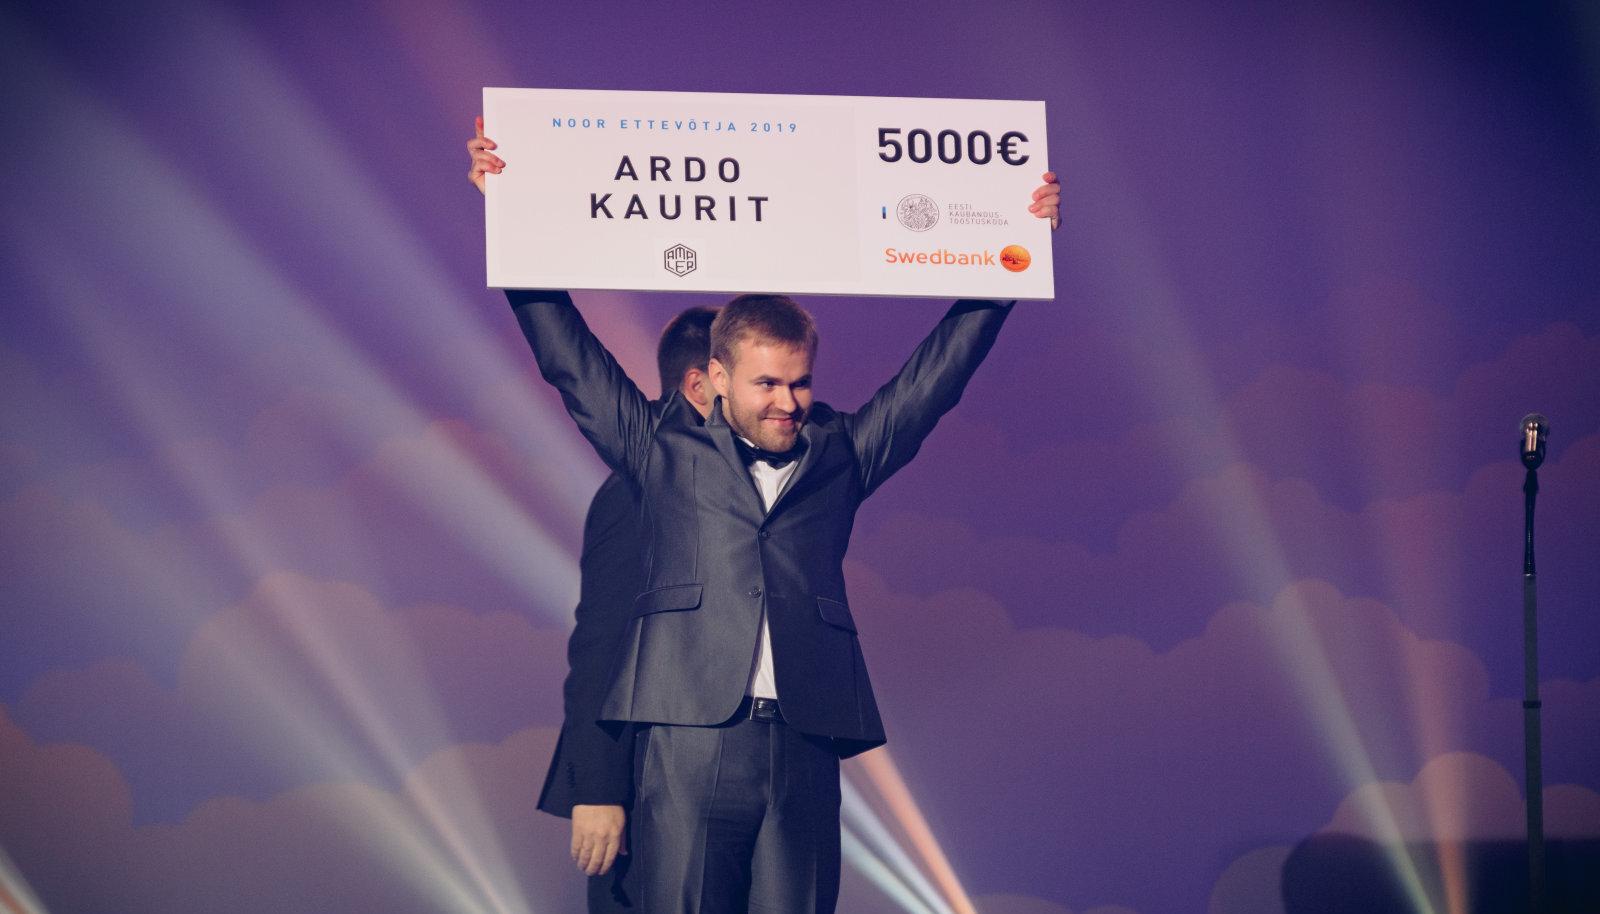 Noore ettevõtja auhinna pälvis mullu Ampler Bikesi kaasasutaja Ardo Kaurit.